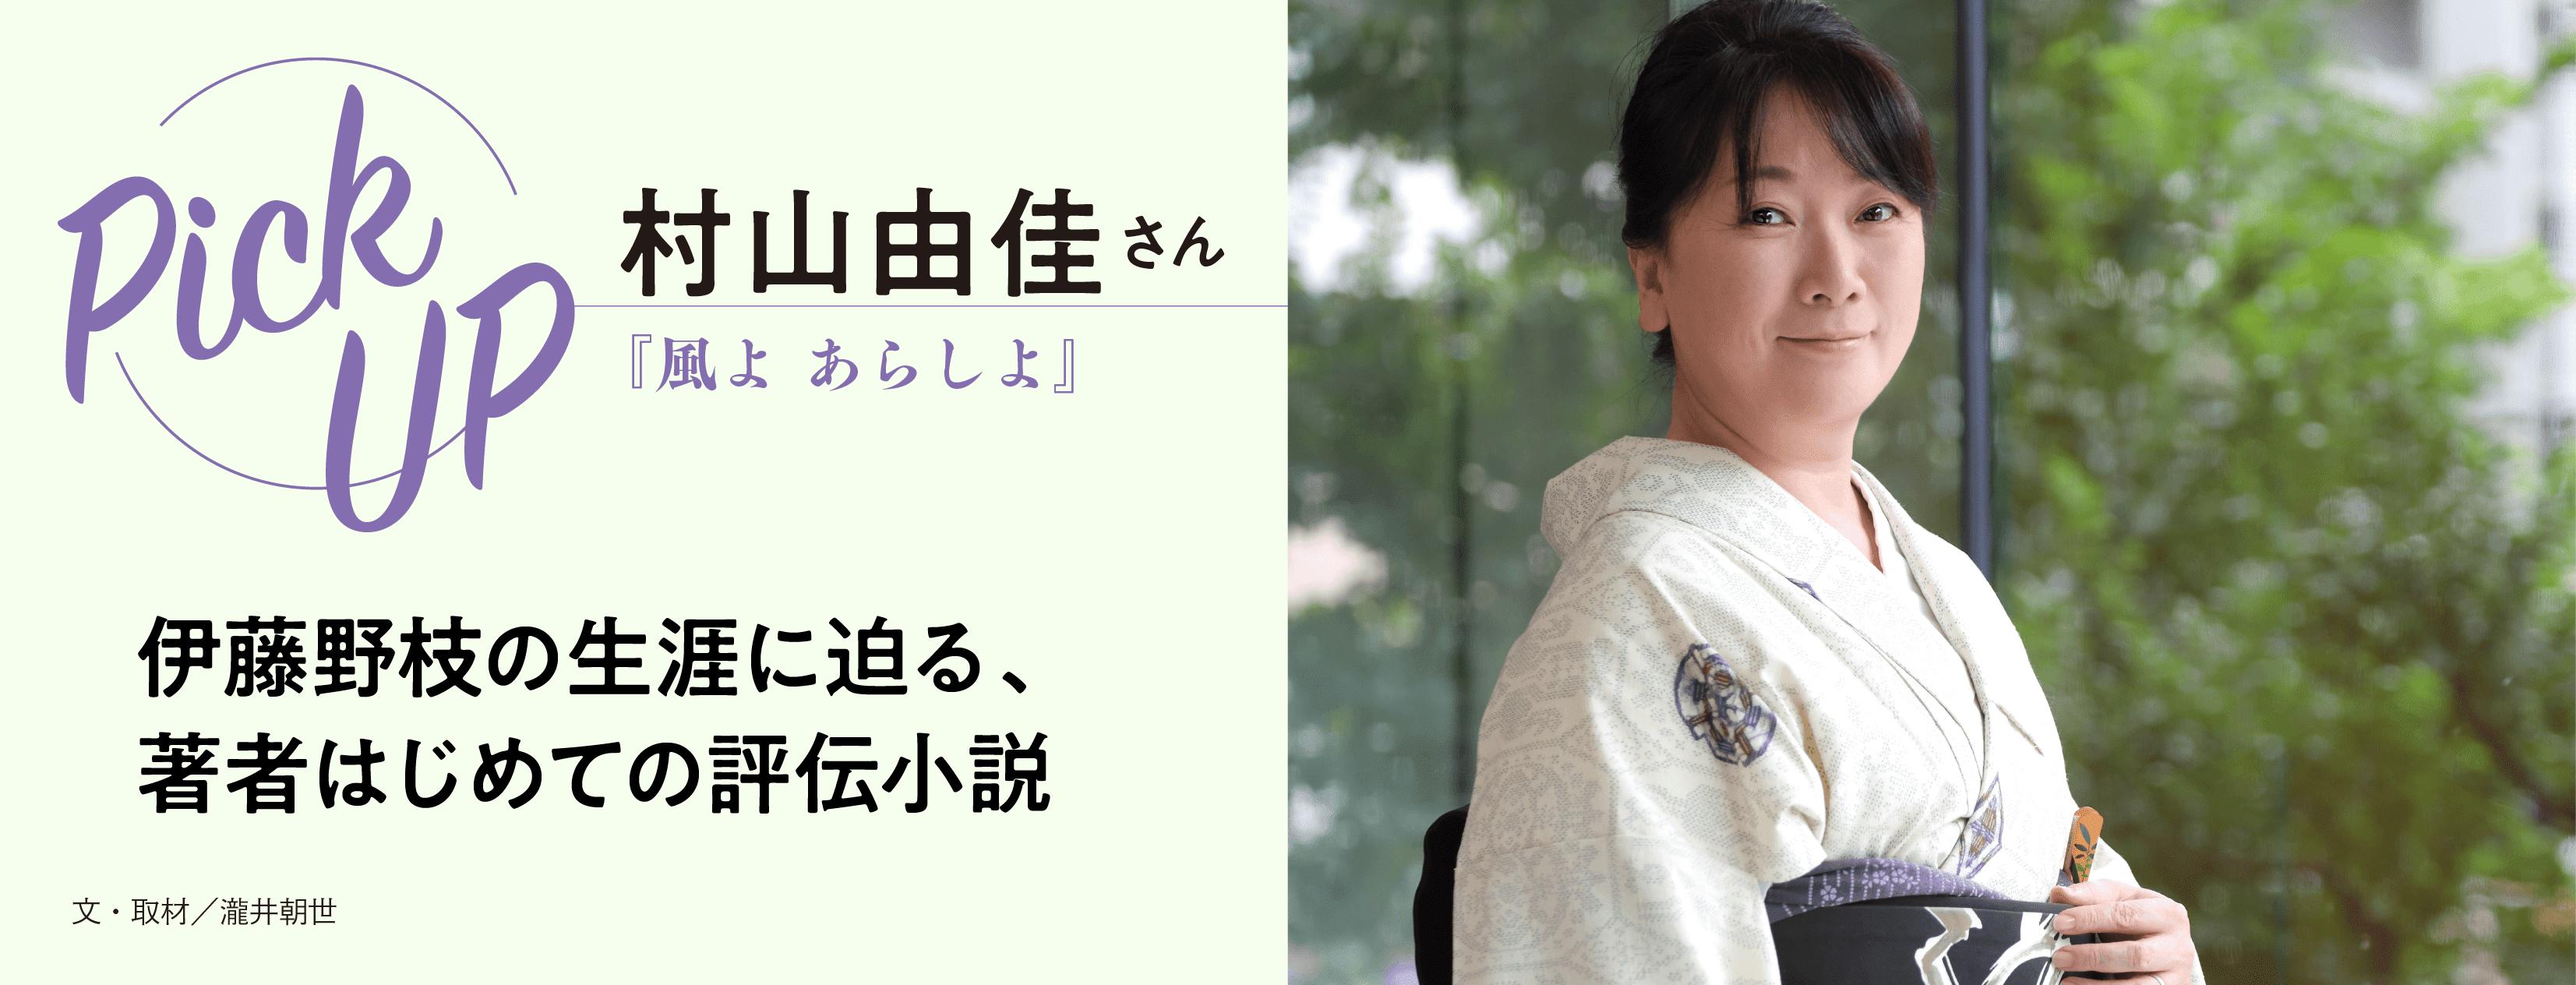 PickUPインタビュー村山由佳さん『風よ あらしよ』